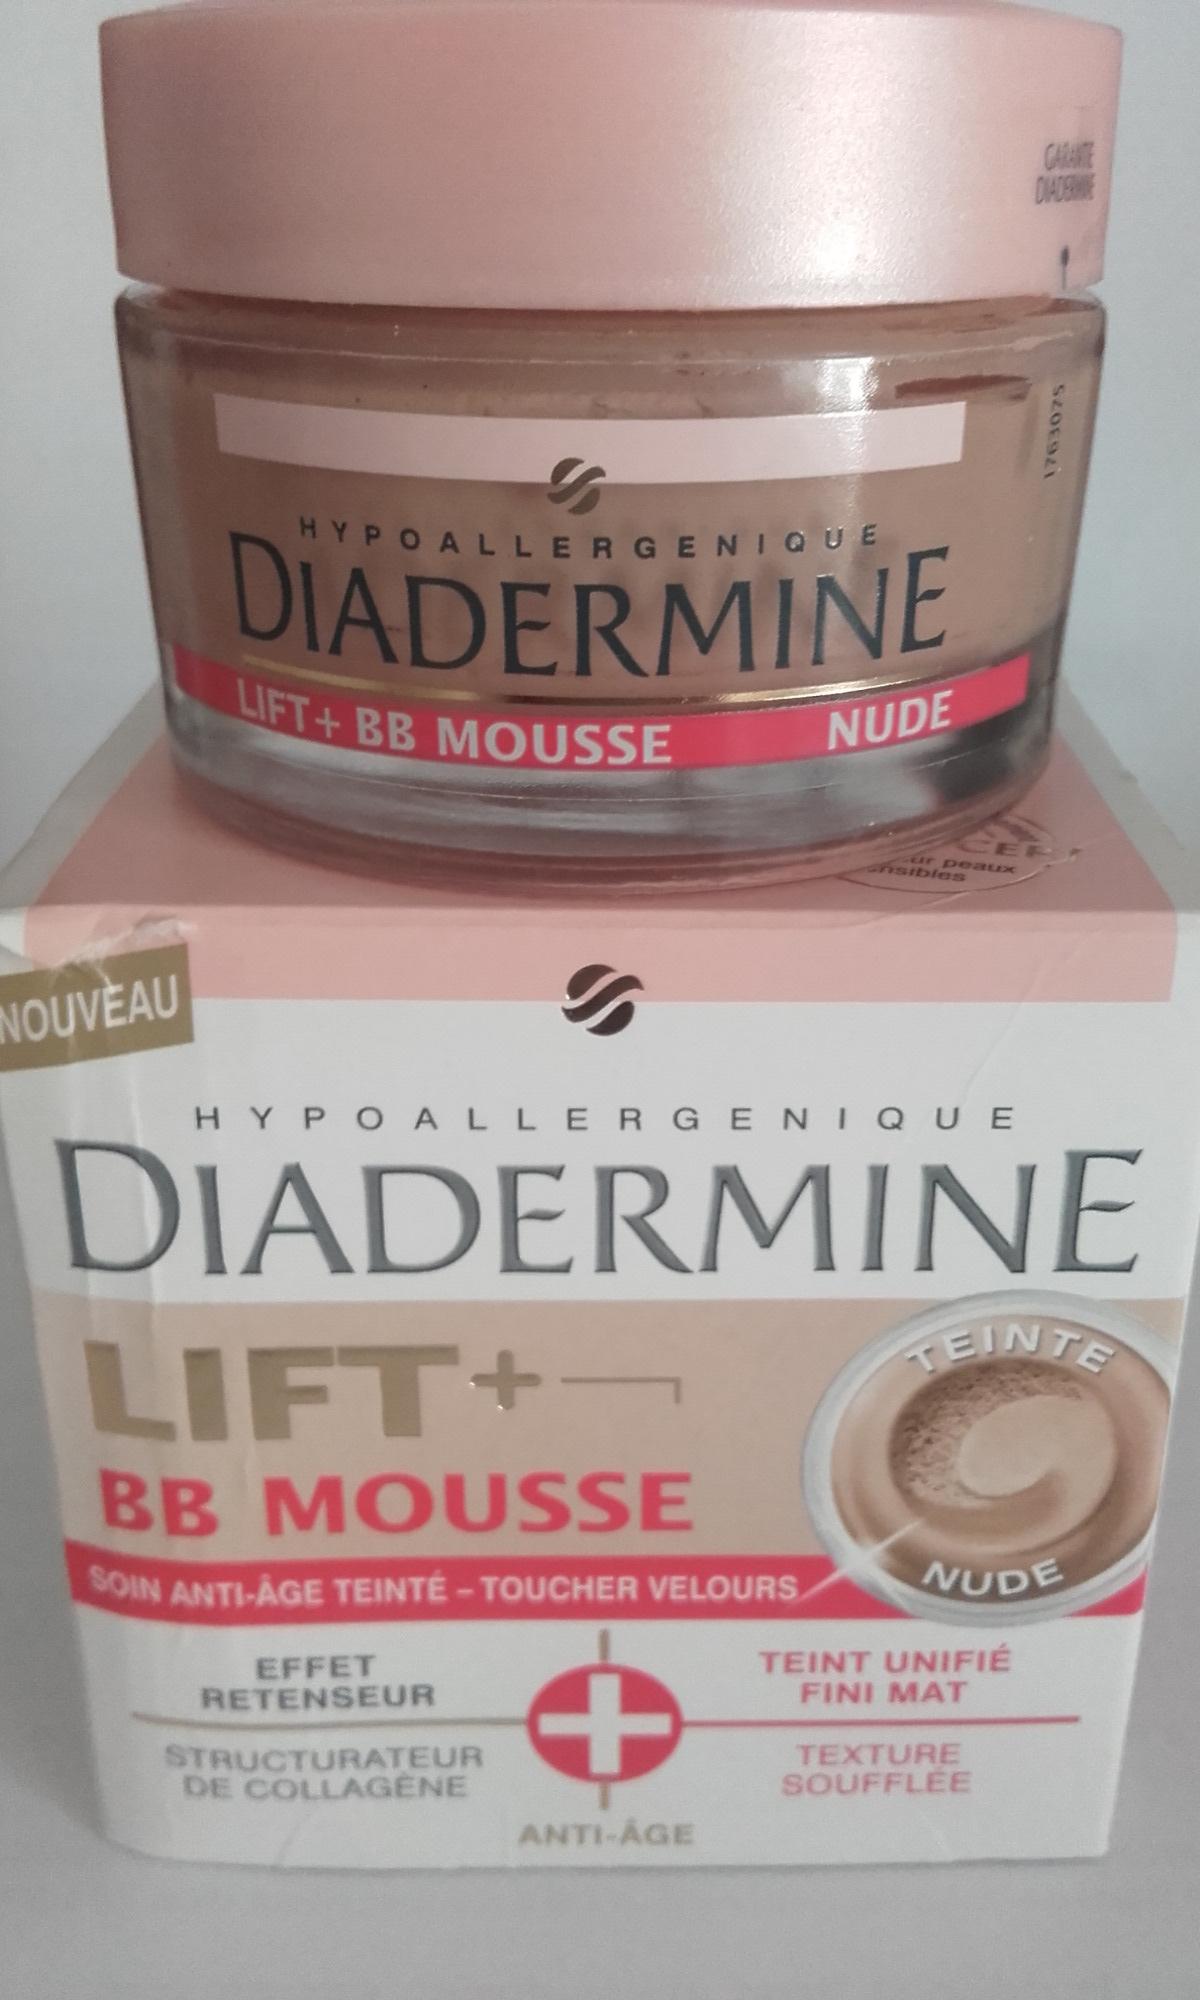 Lift + BB mousse Soin Anti-âge Teinté - Product